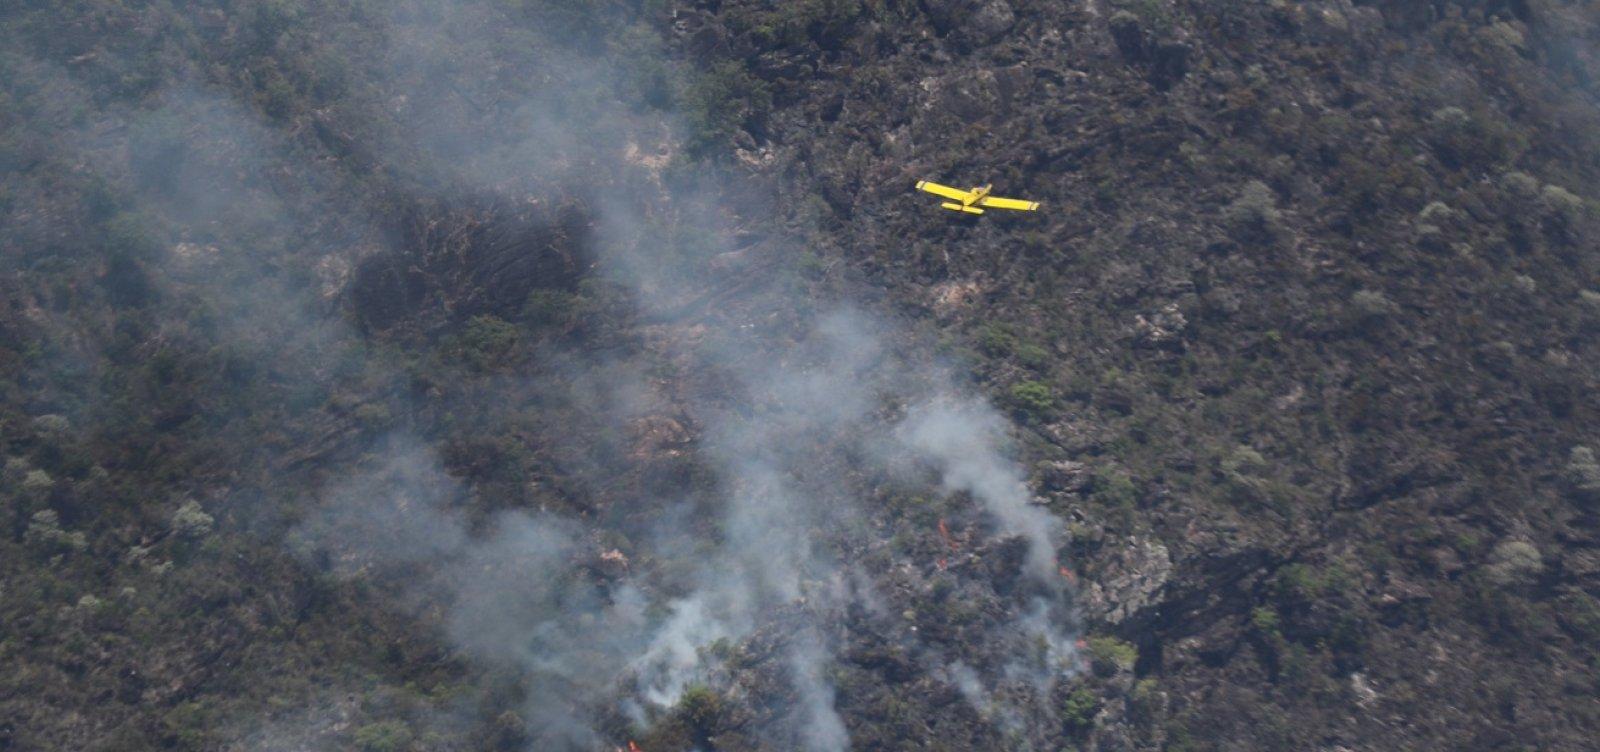 Bombeiros e voluntários monitoram possíveis focos de incêndio na Chapada Diamantina